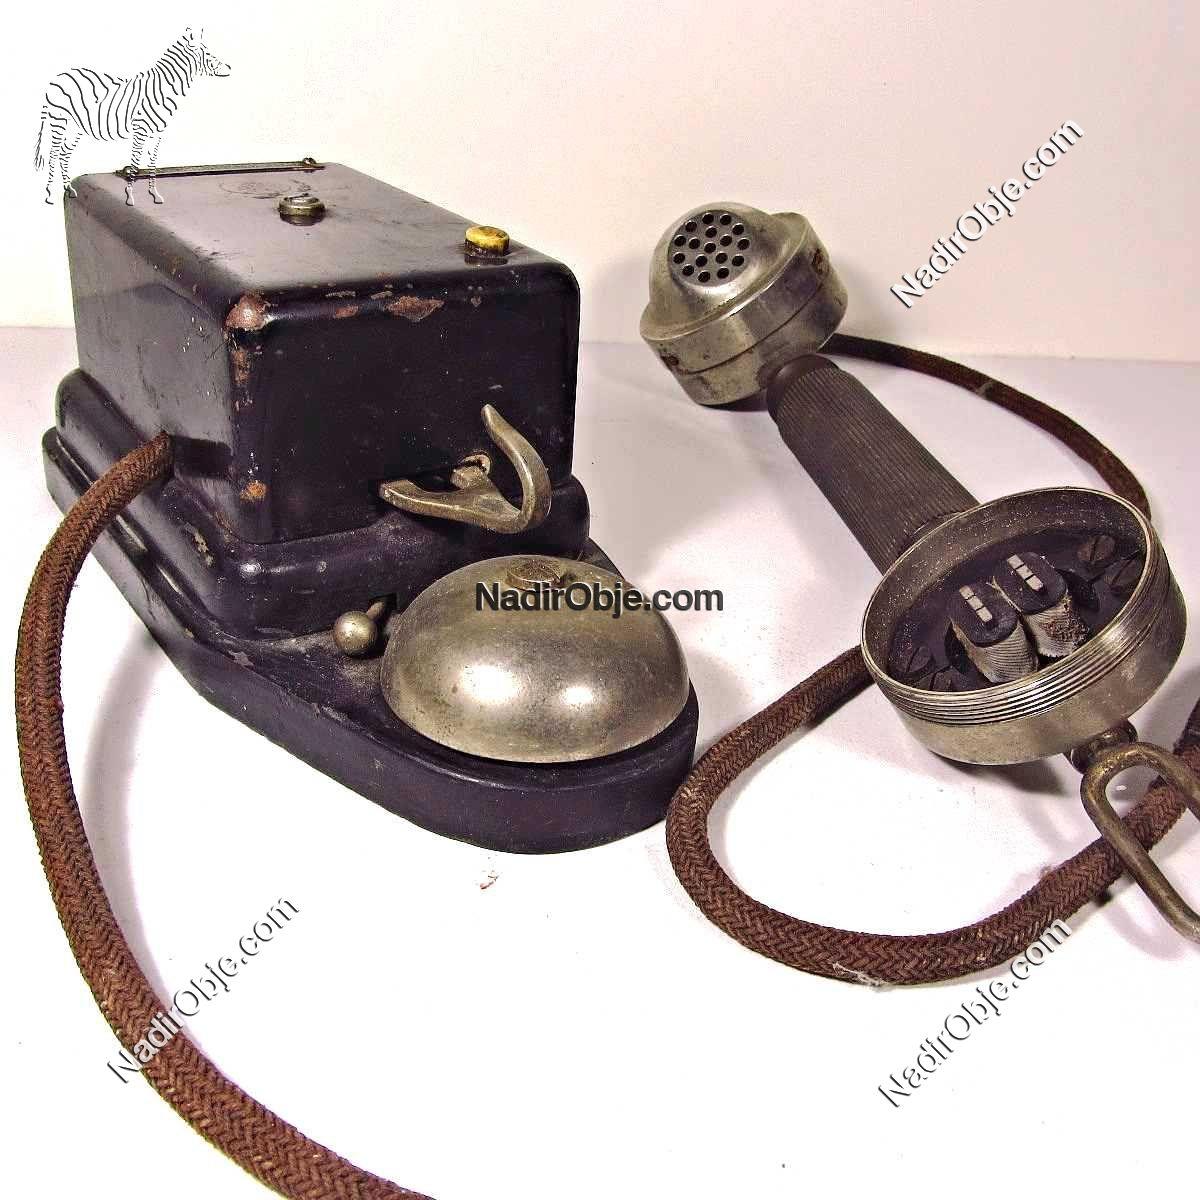 Çok Eski Telefon Makinası Mekanik-Elektrikli Objeler Ahize